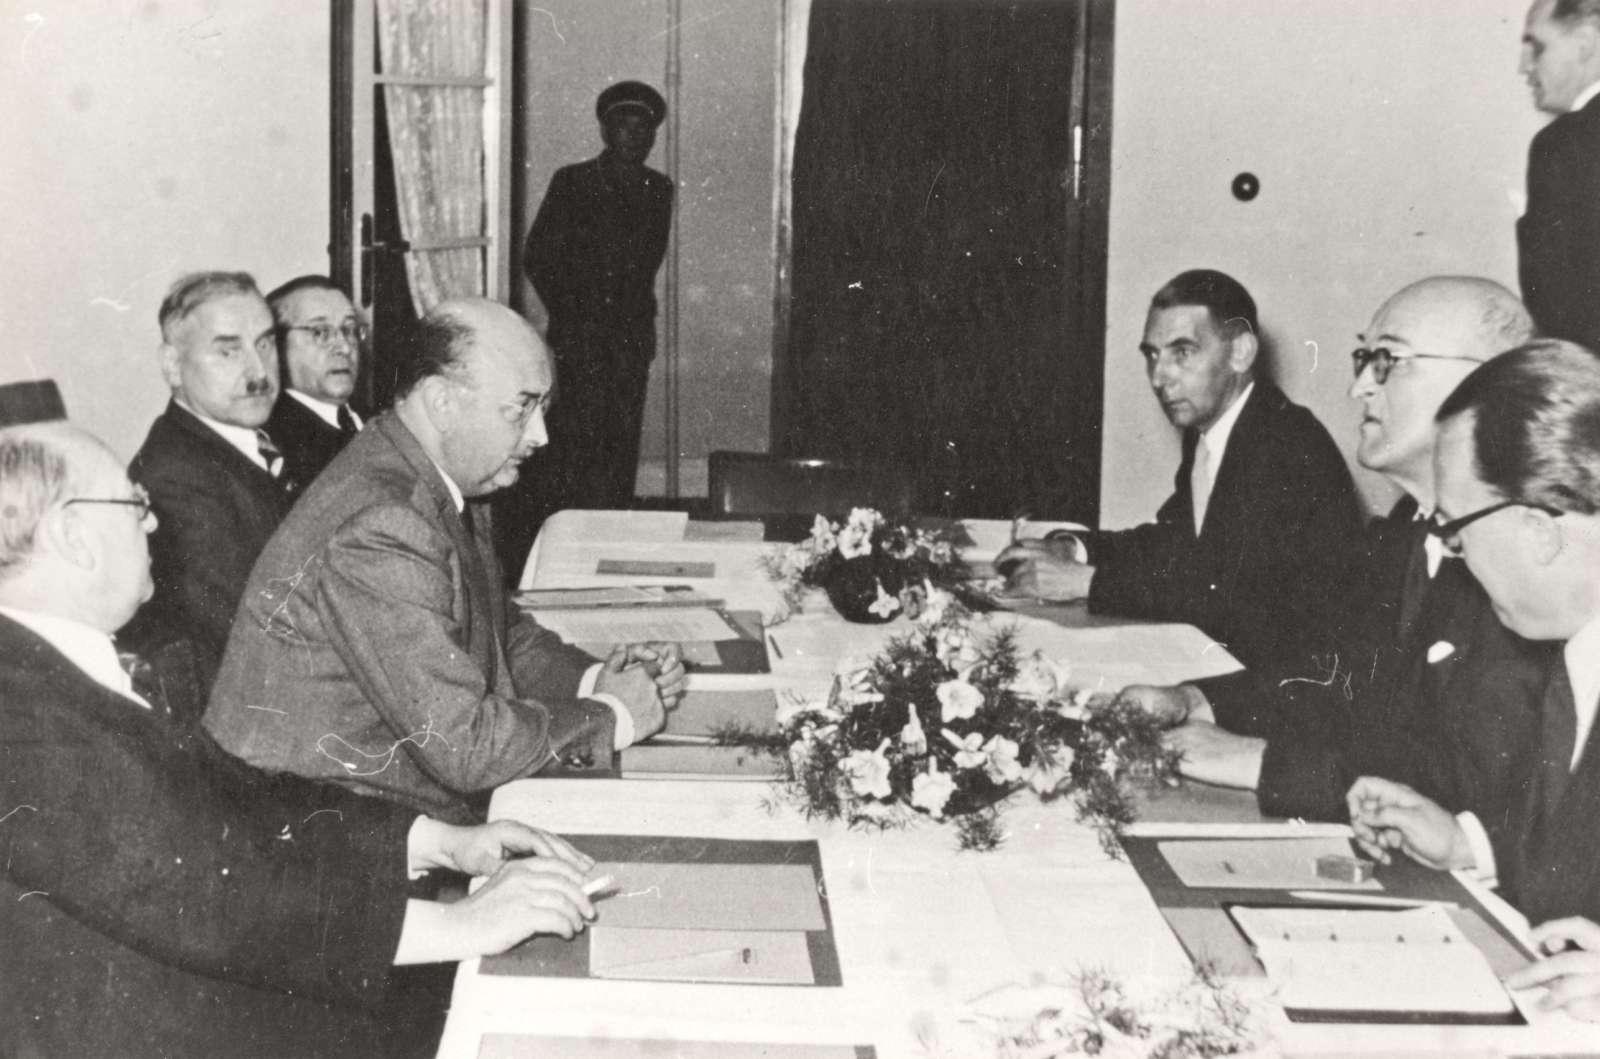 Südweststaatkonferenz in Wildbad am 12. Oktober 1950, Bild 2